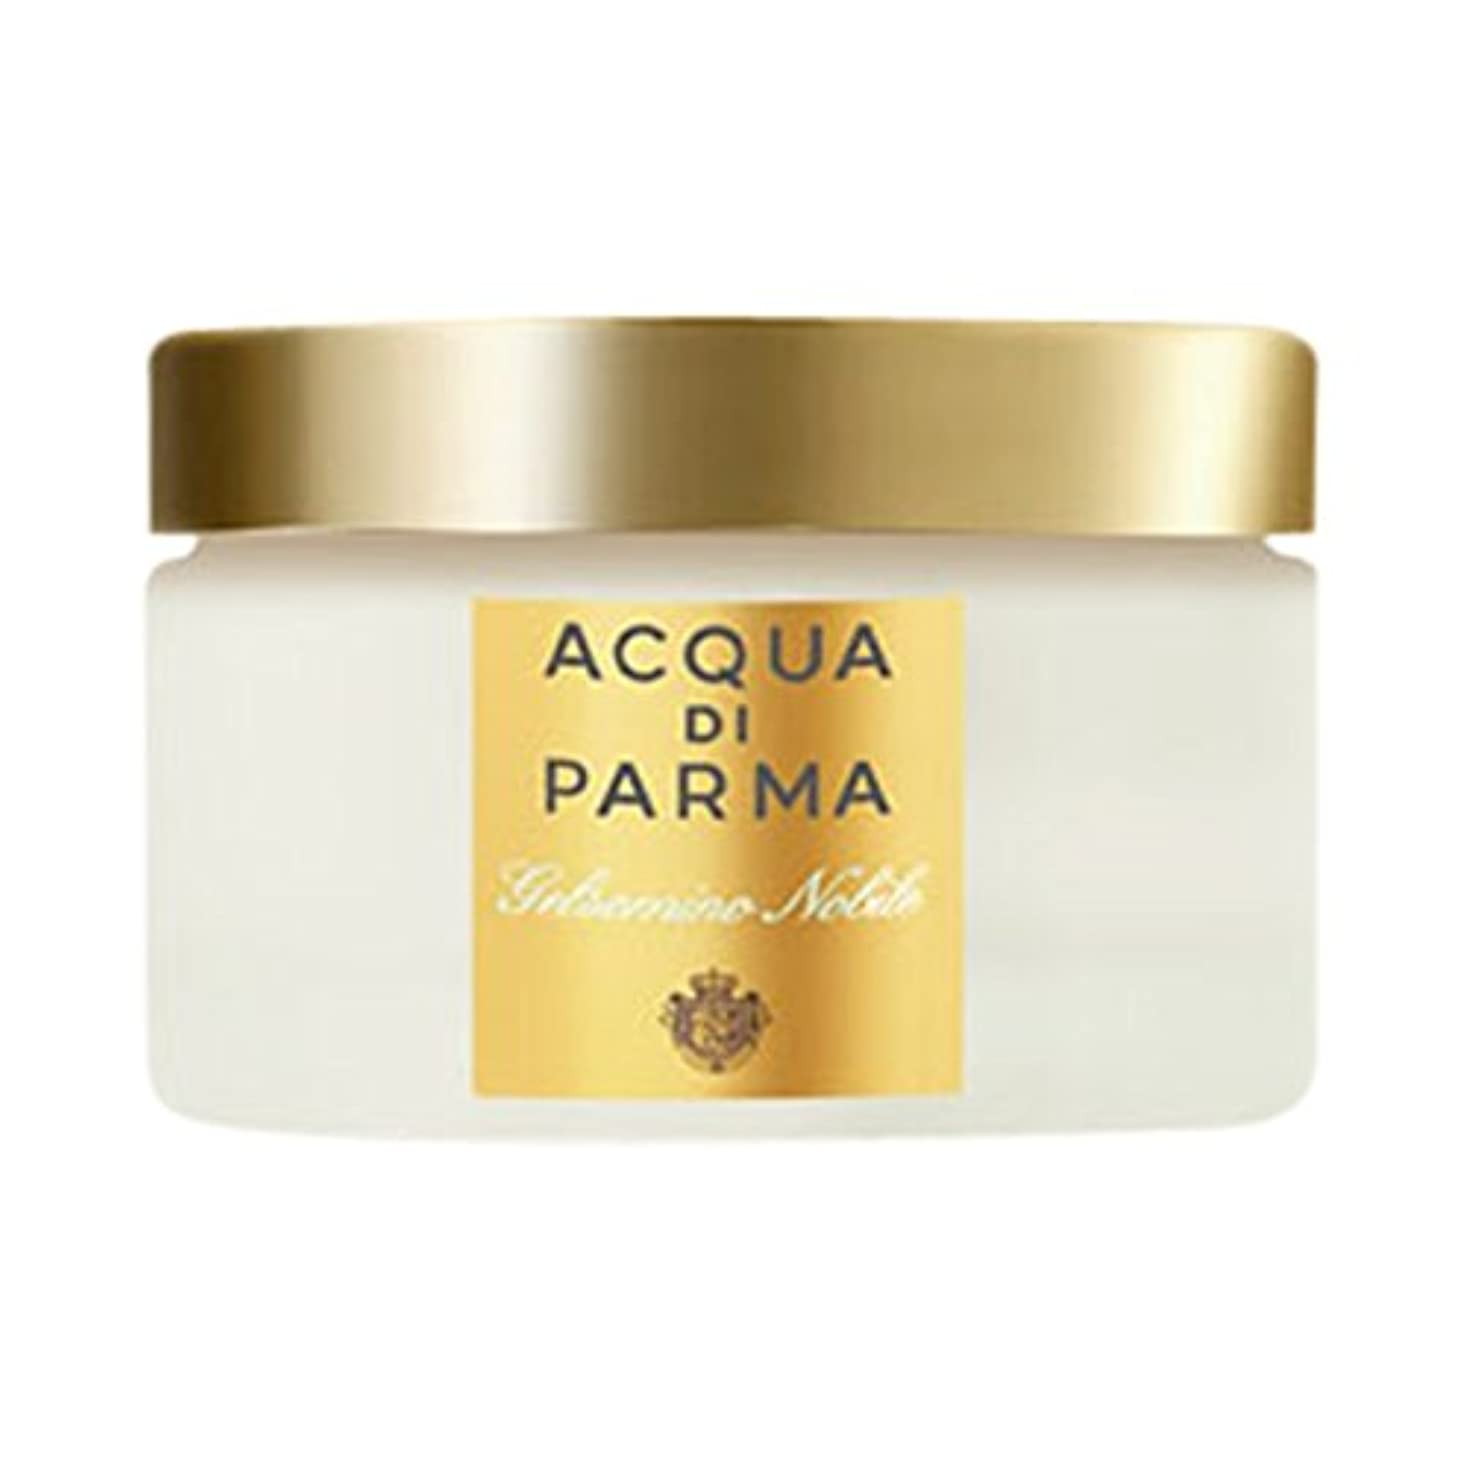 死んでいるスカルク顕現アクア?ディ?パルマGelsominoノビルボディクリーム150ミリリットル (Acqua di Parma) - Acqua di Parma Gelsomino Nobile Body Cream 150ml [並行輸入品]